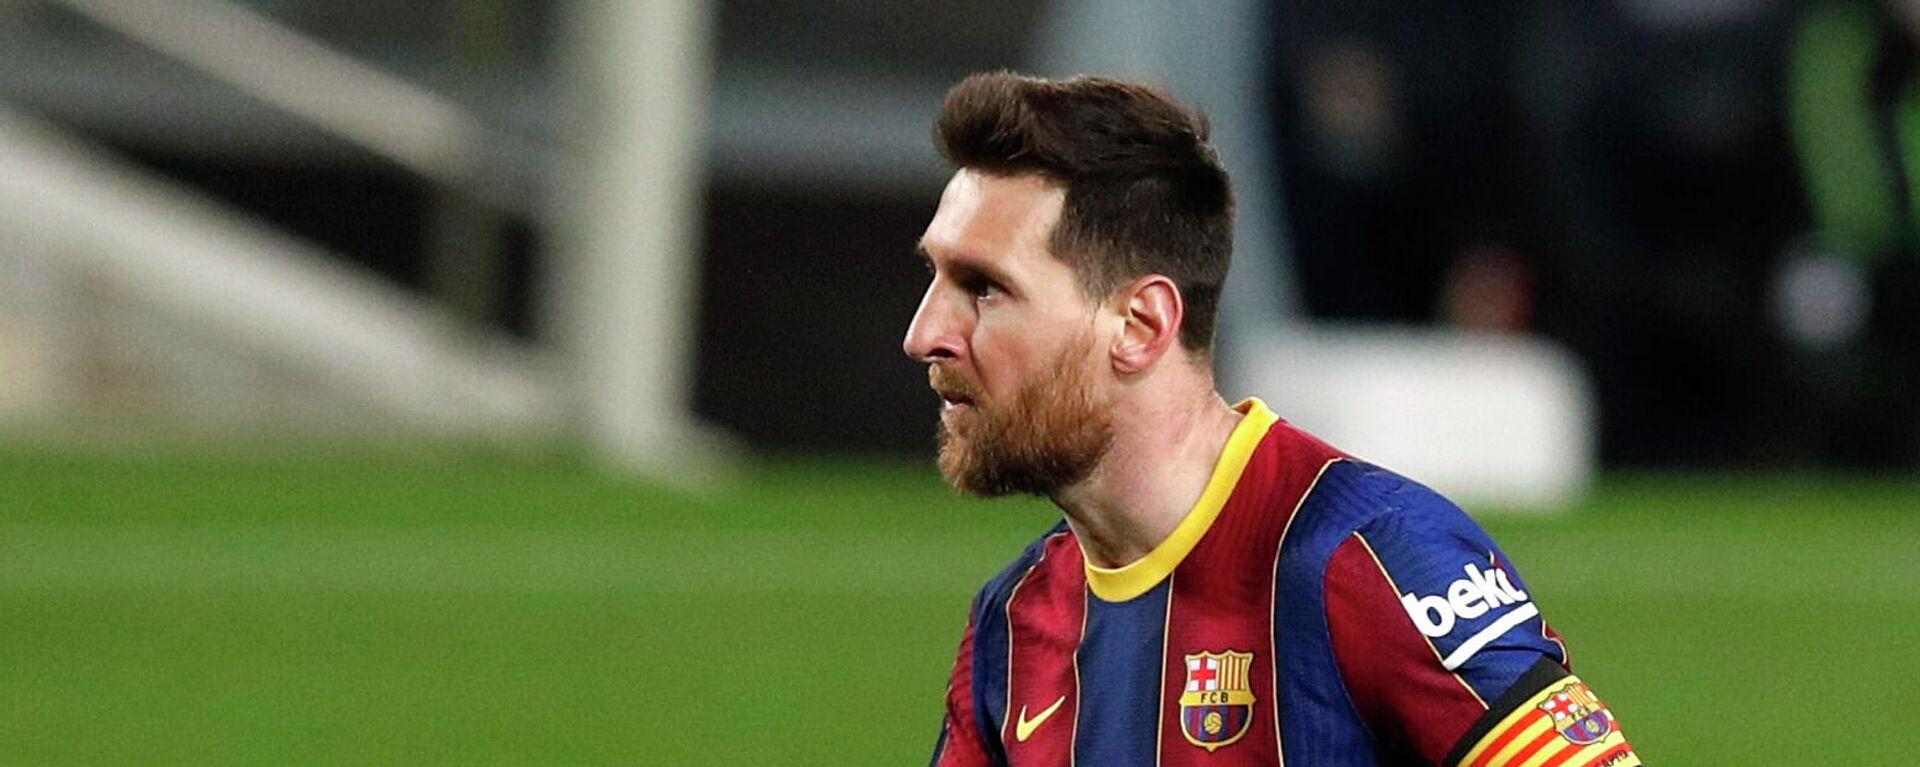 Lionel Messi - SNA, 1920, 18.03.2021